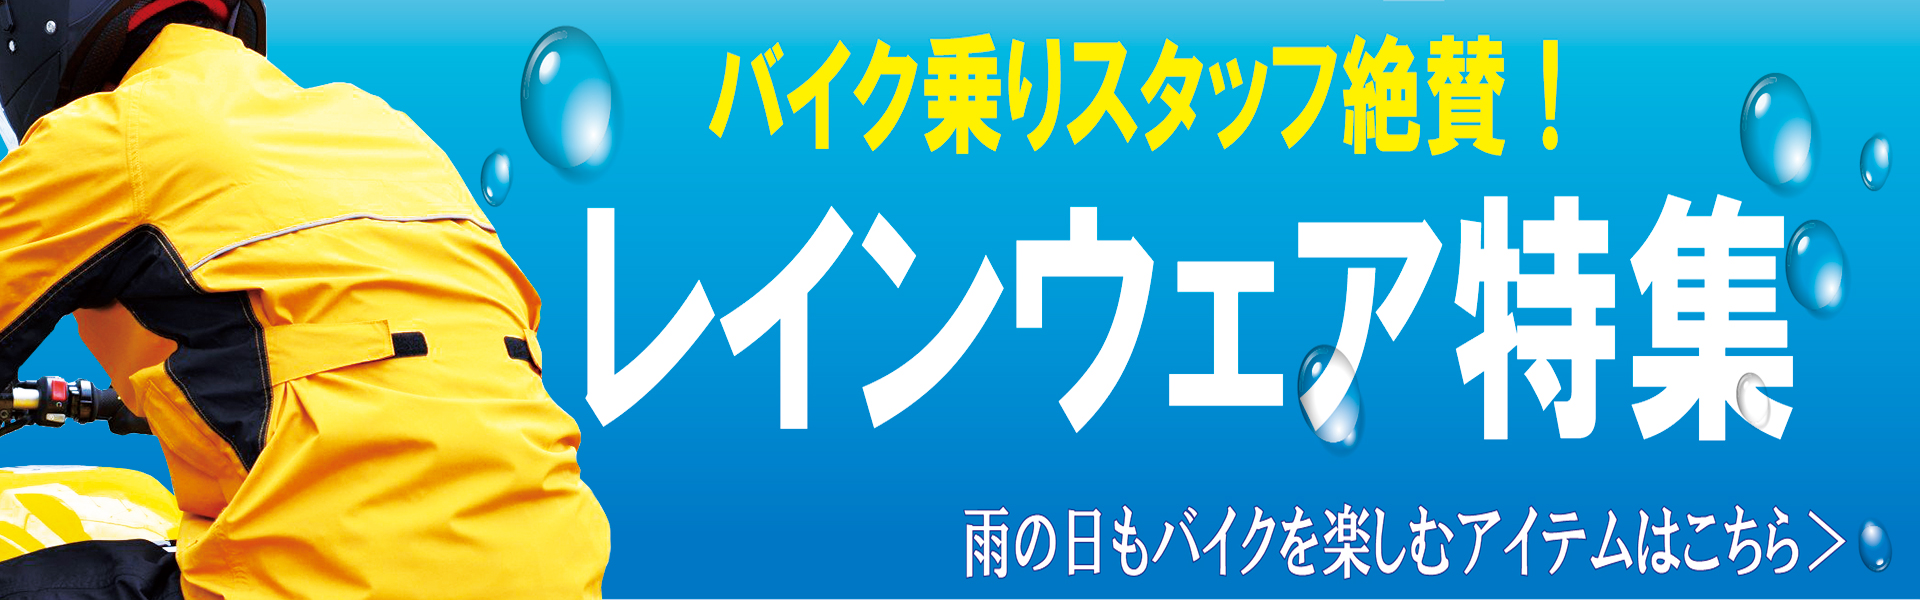 【SCOYCO(スコイコ)】ライディングシューズ